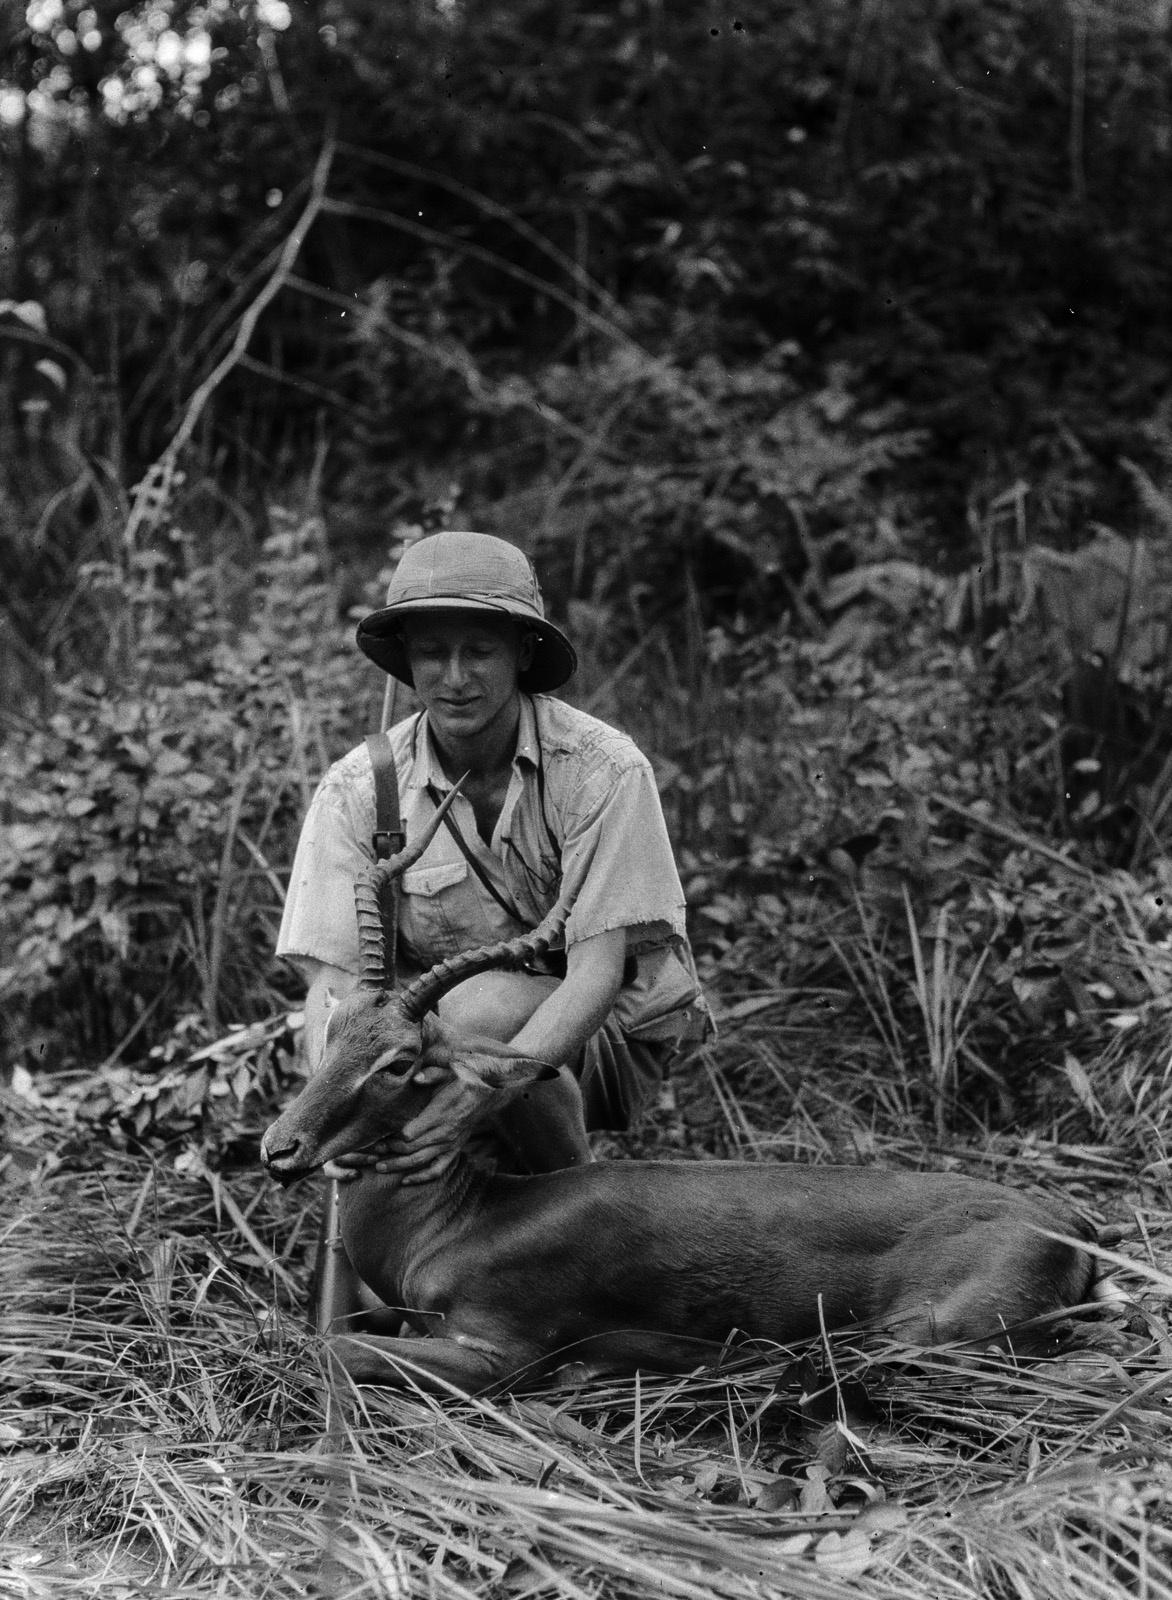 Капири-Мпоши.  Портрет Эрнста Аккермана с убитой антилопой импалой